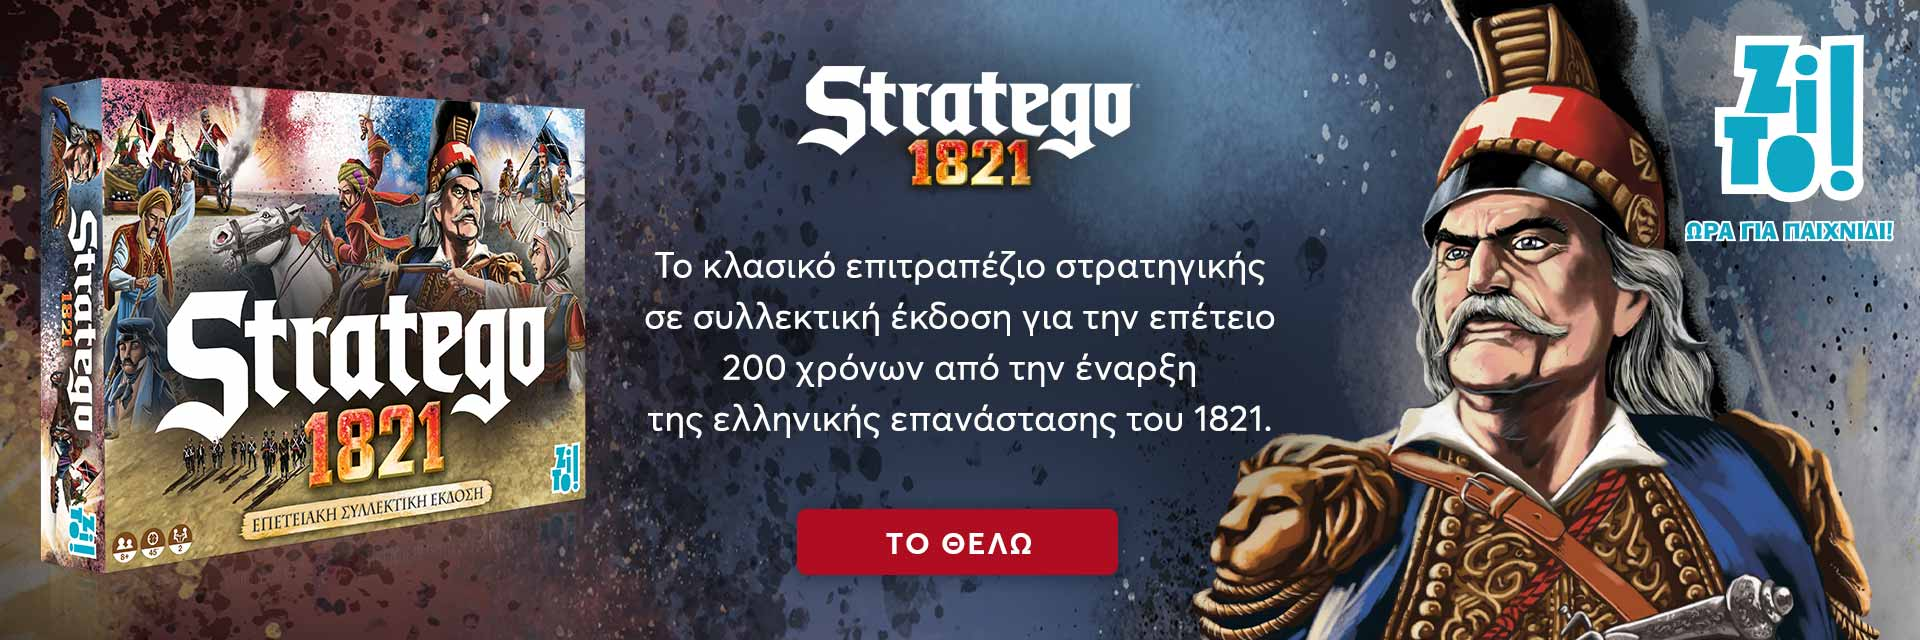 ZITO!- STRATEGO 1821